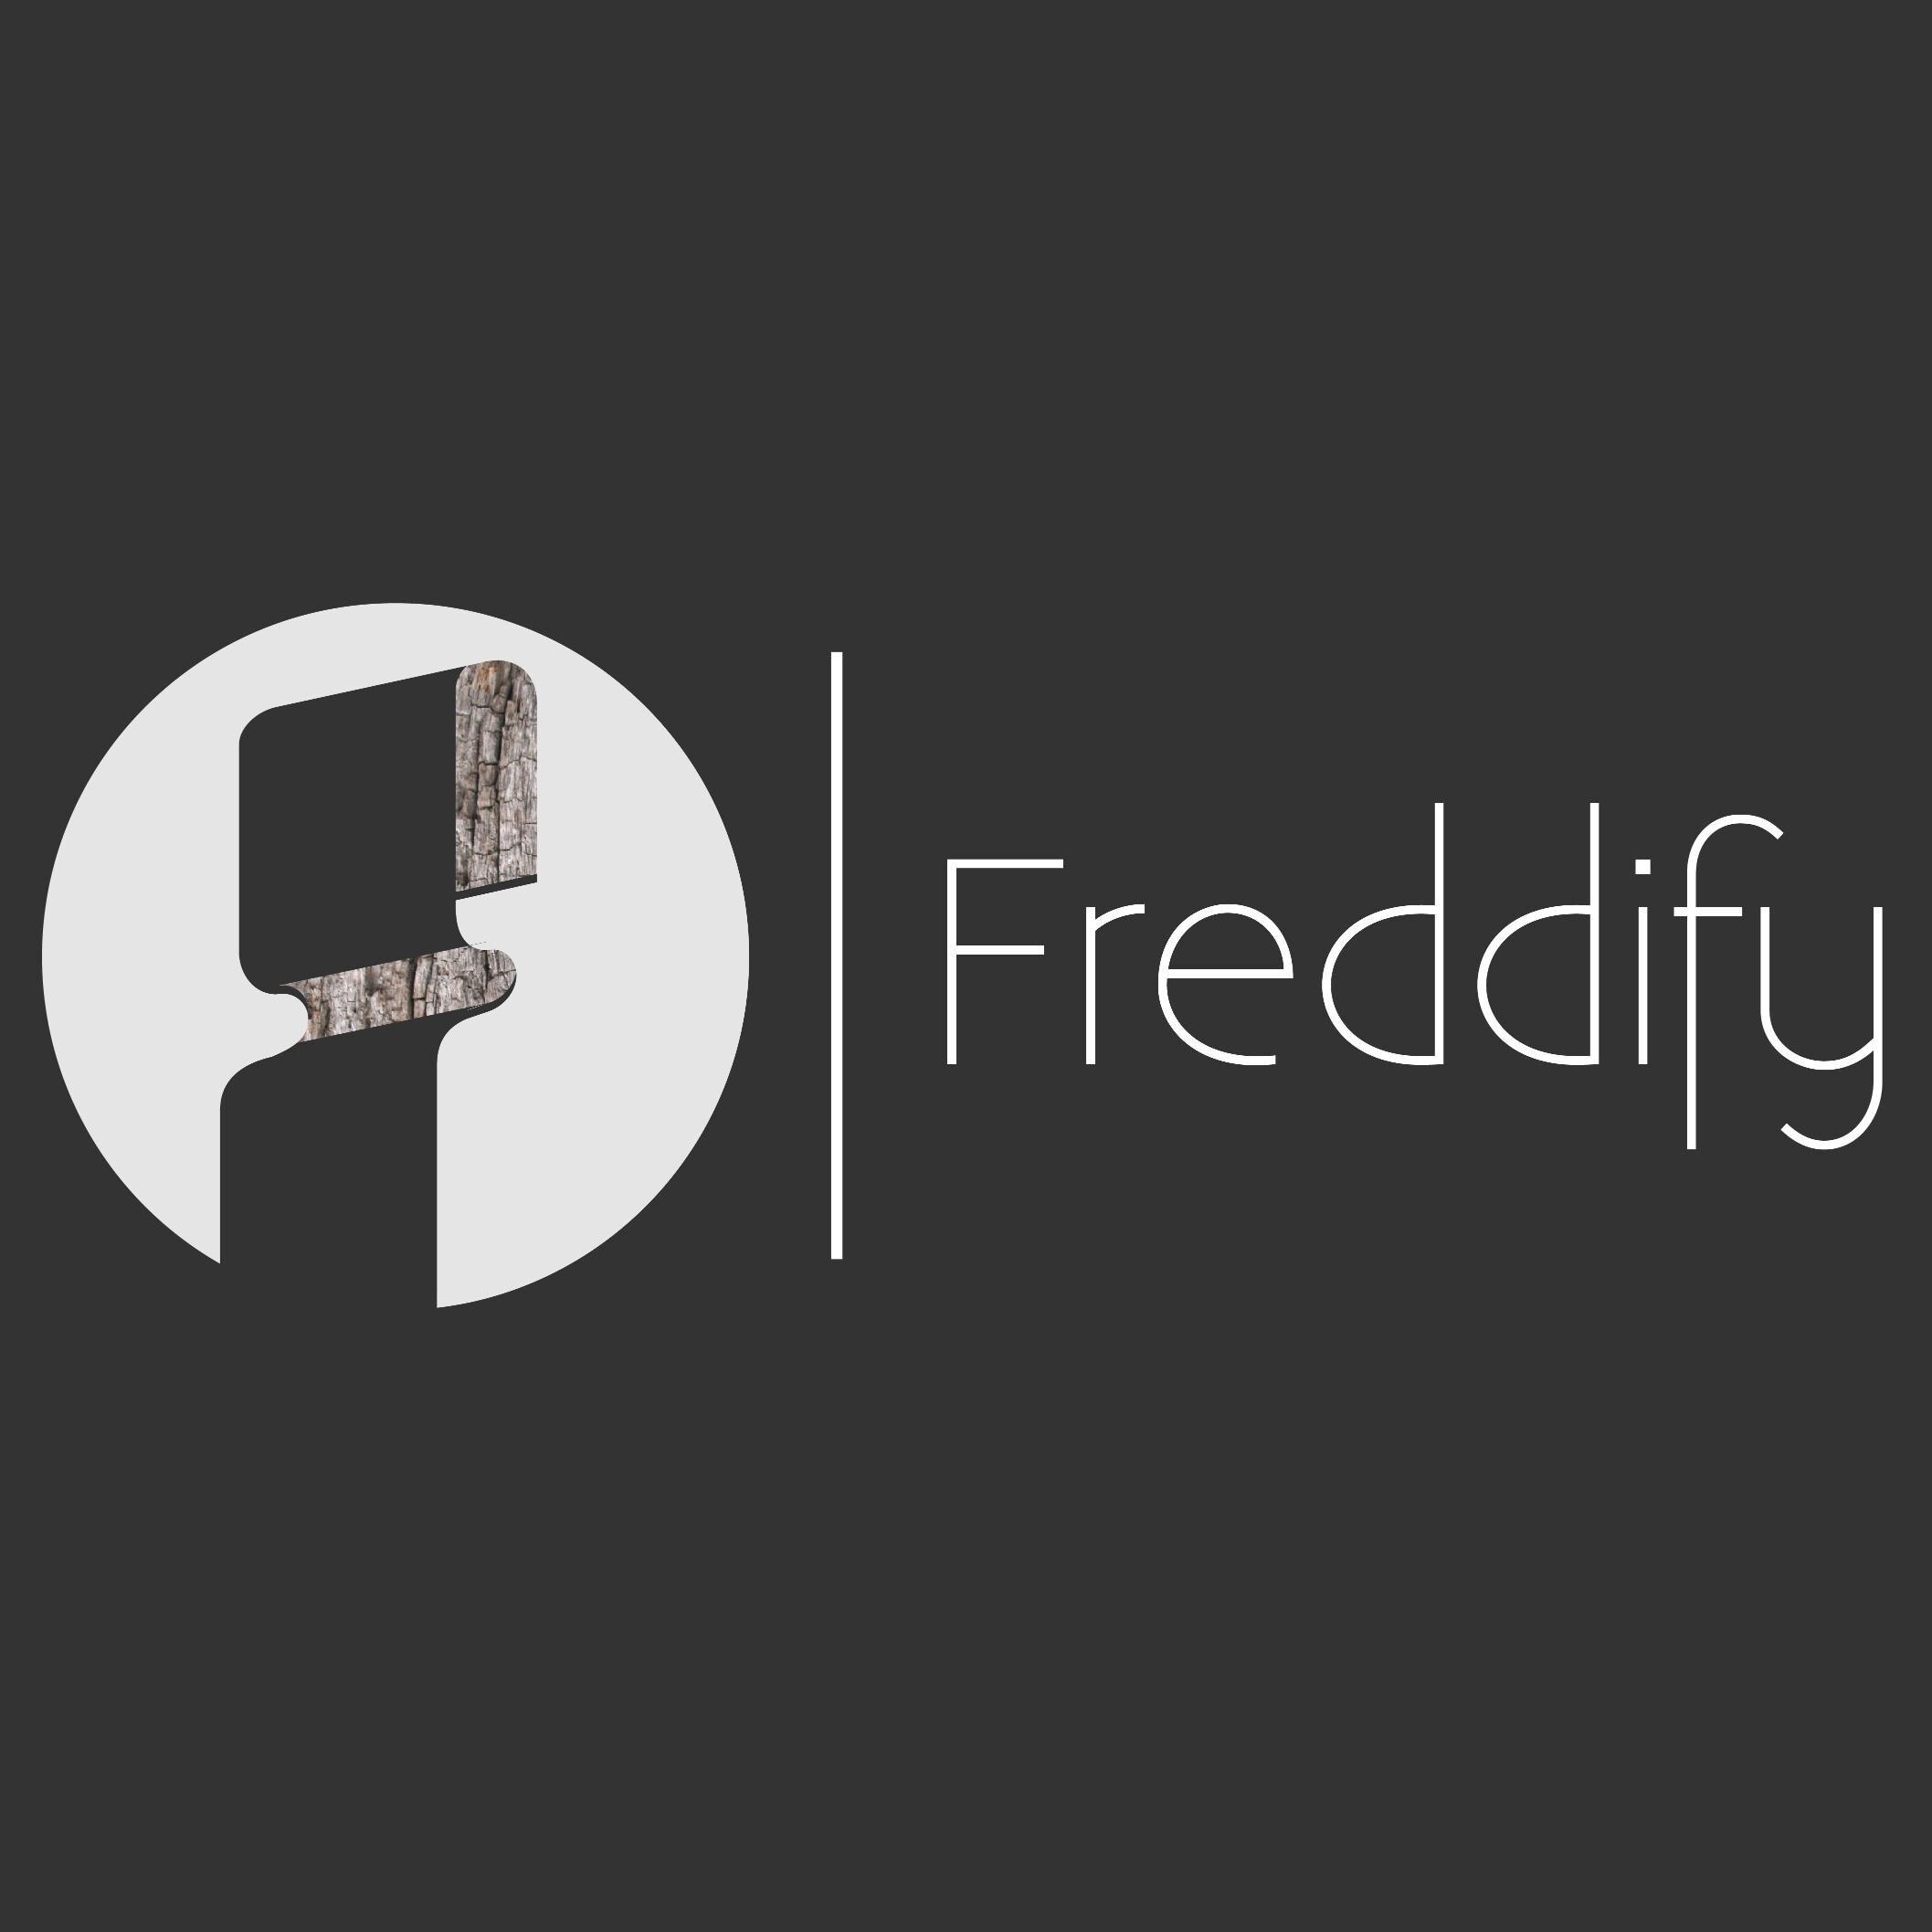 Freddify